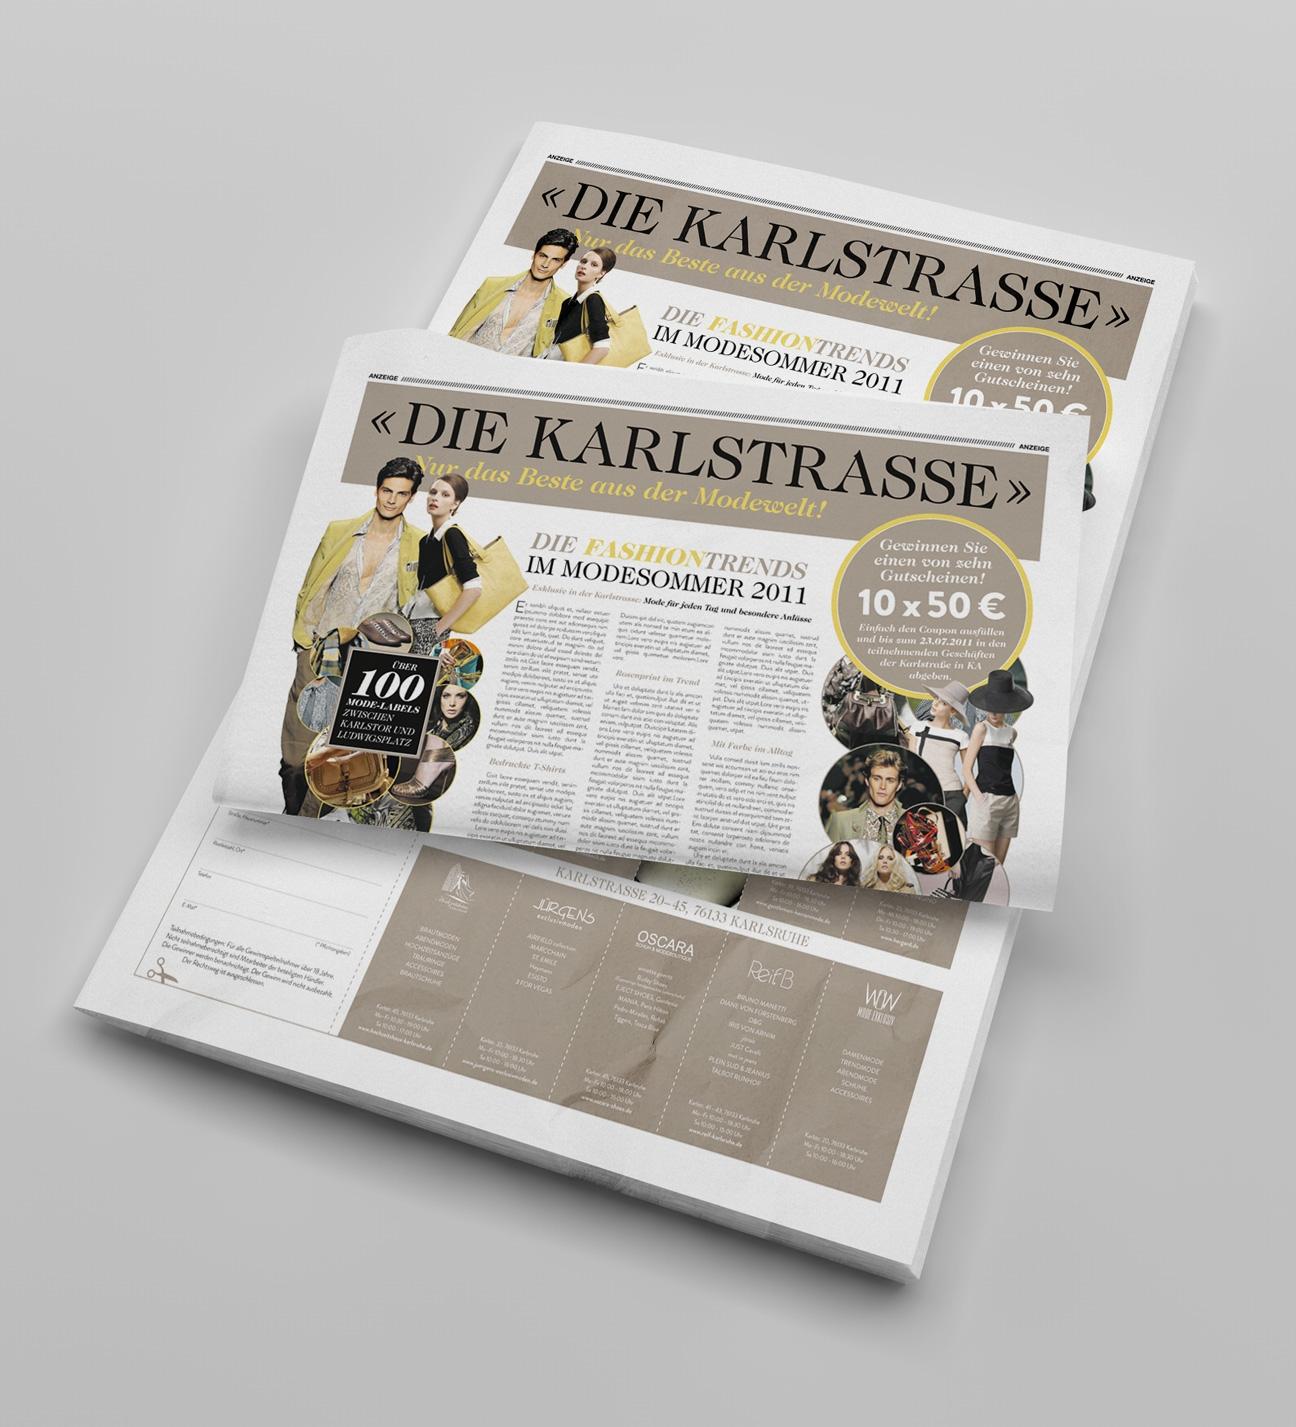 Anzeige Karlstrasse: Konzeption, Koordination, Grafikdesign, Satz- und Layoutarbeiten, Bildbearbeitung, Badische Neue Nachrichten (BNN)